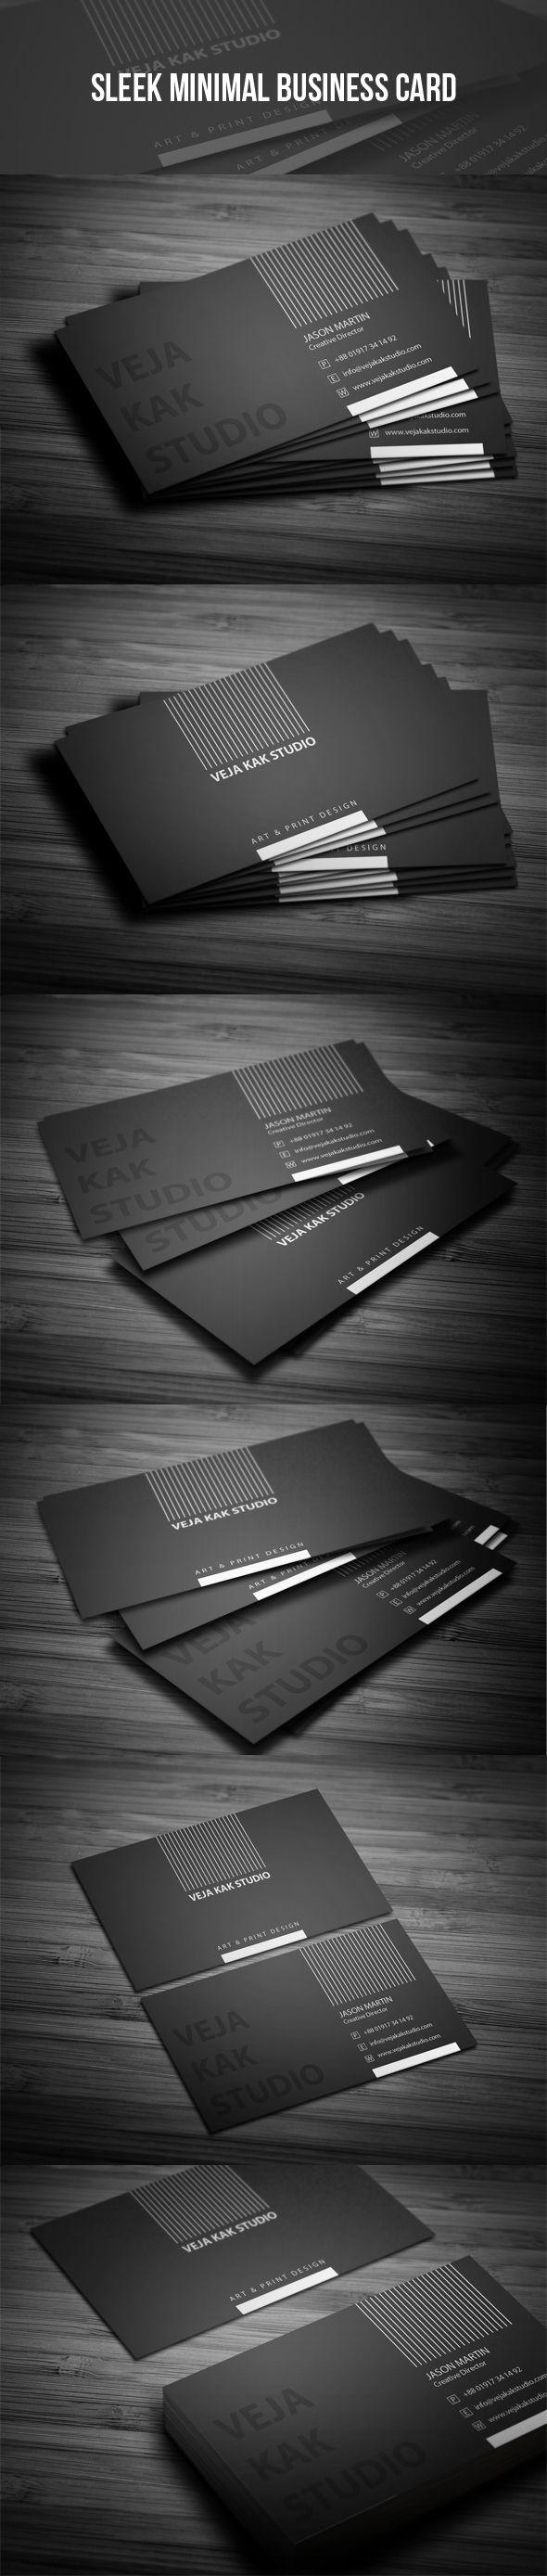 Sleek Minimal Business Card. Click here for more: https://graphicriver.net/user/vejakakstudio/portfolio